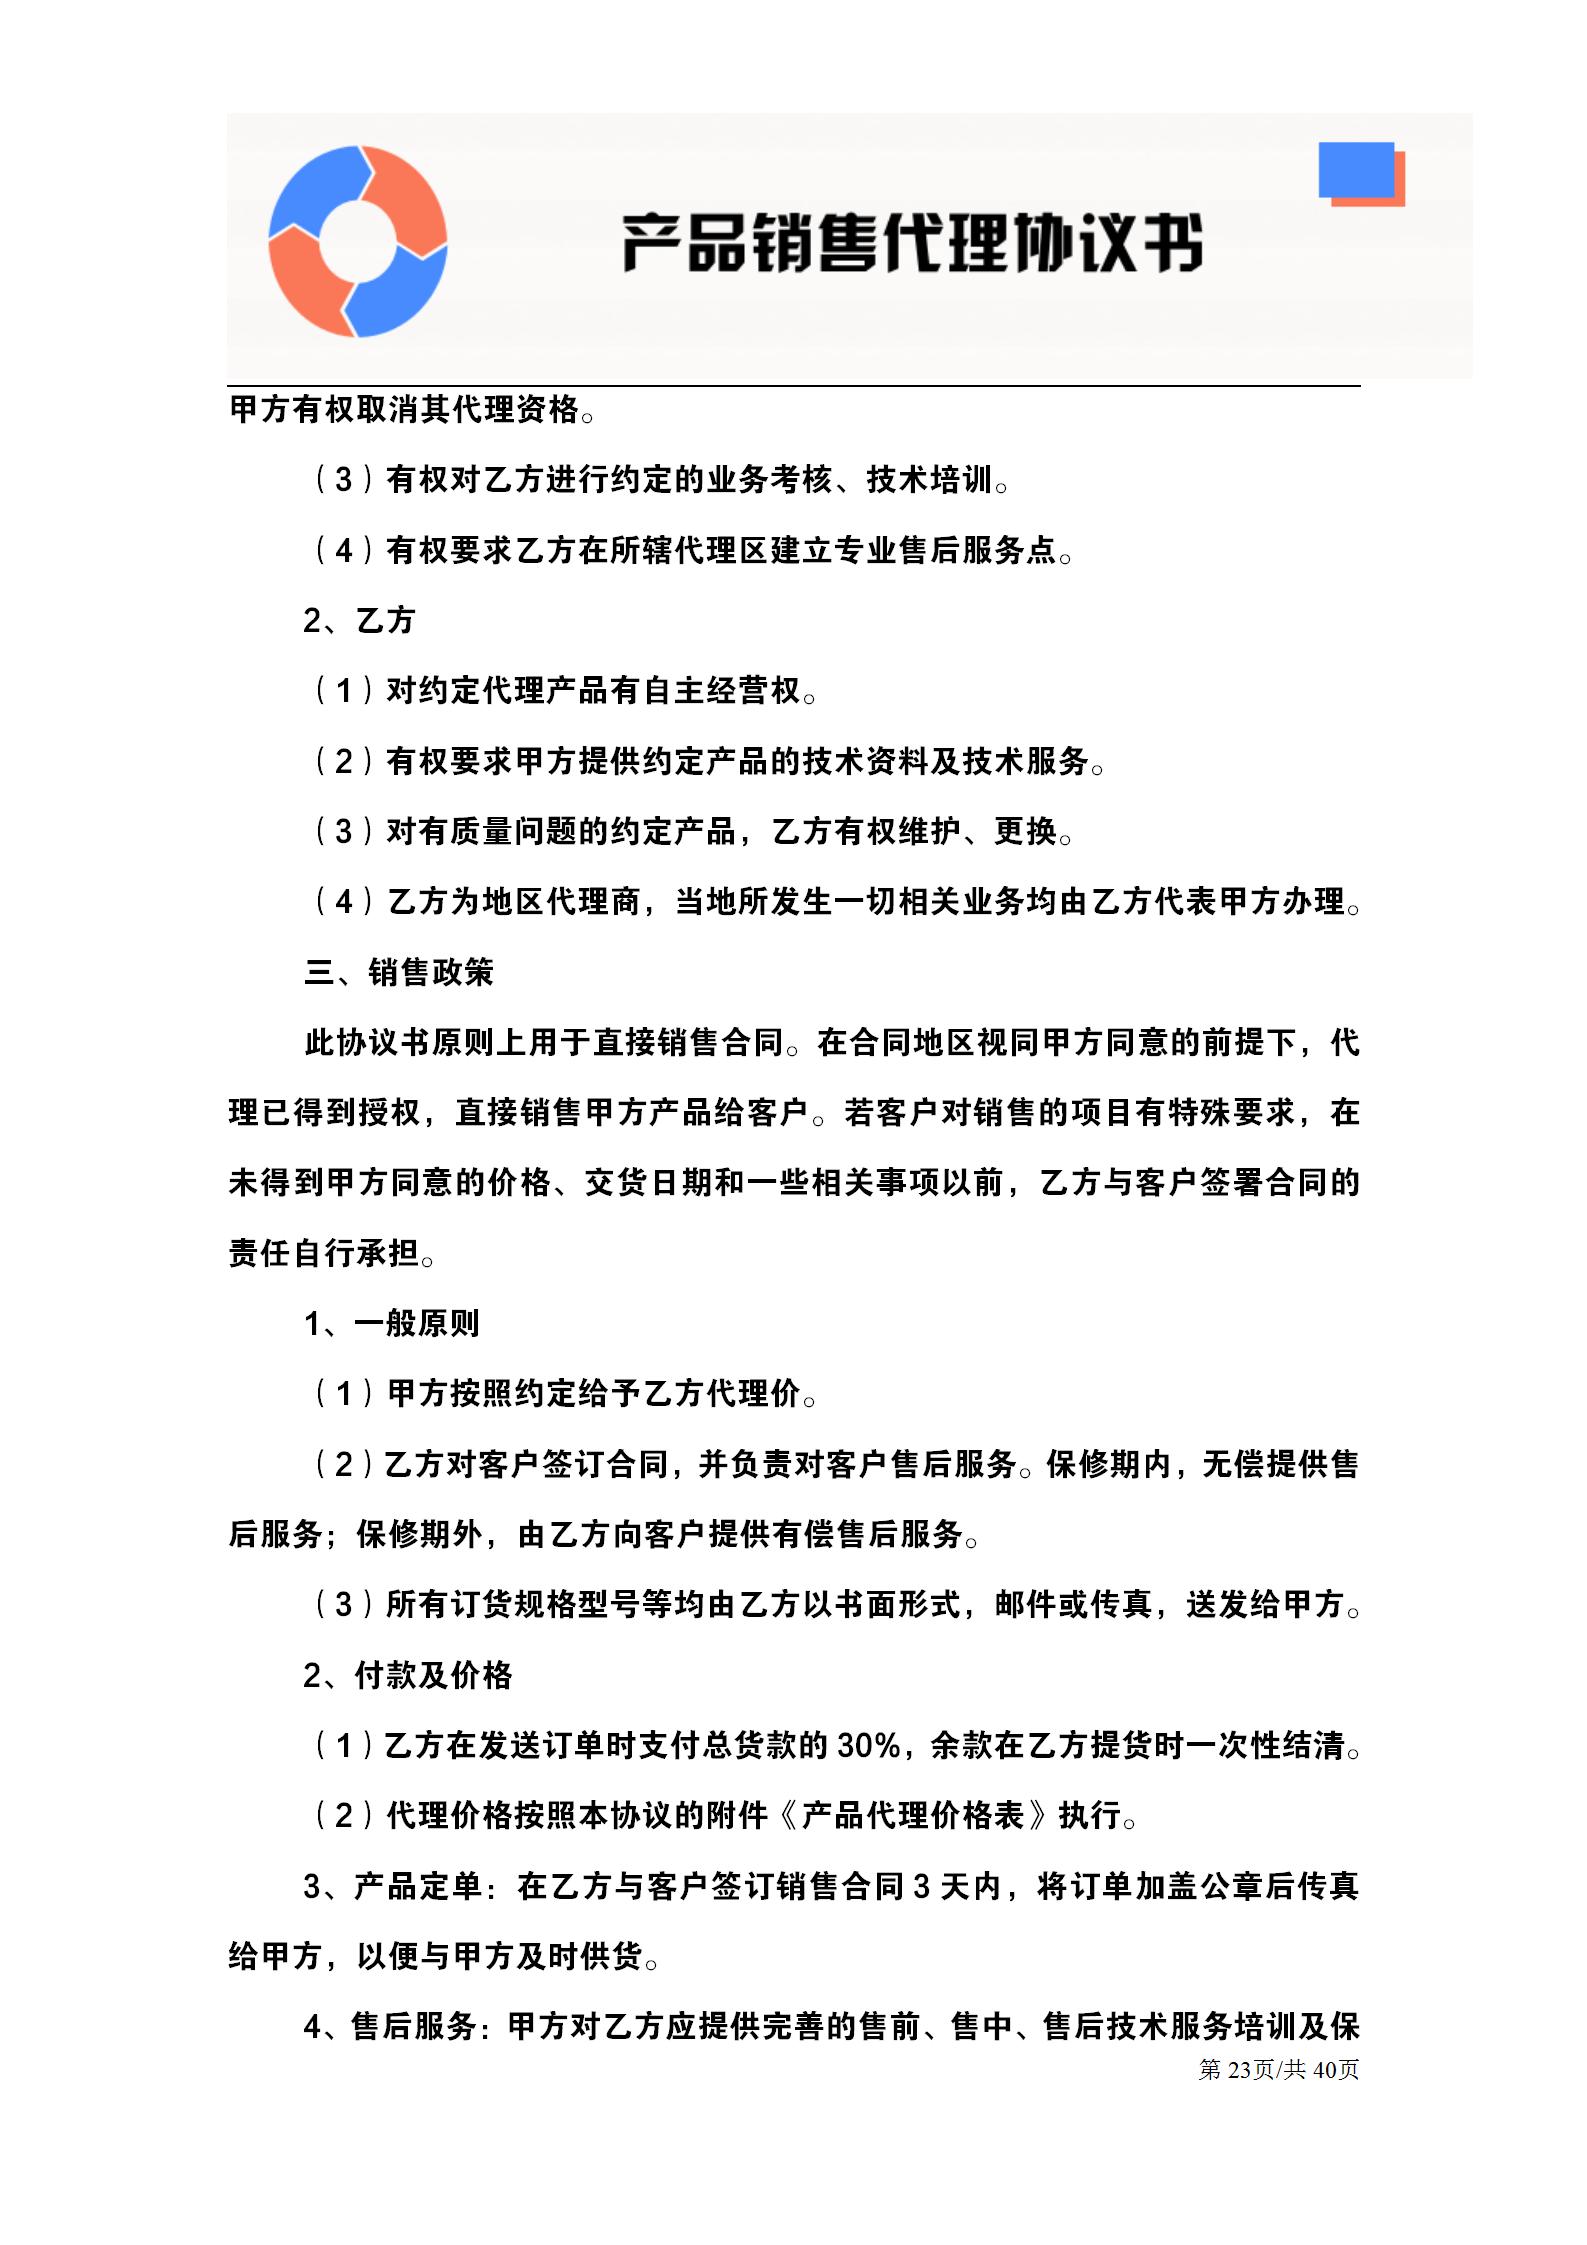 委托代理协议模板